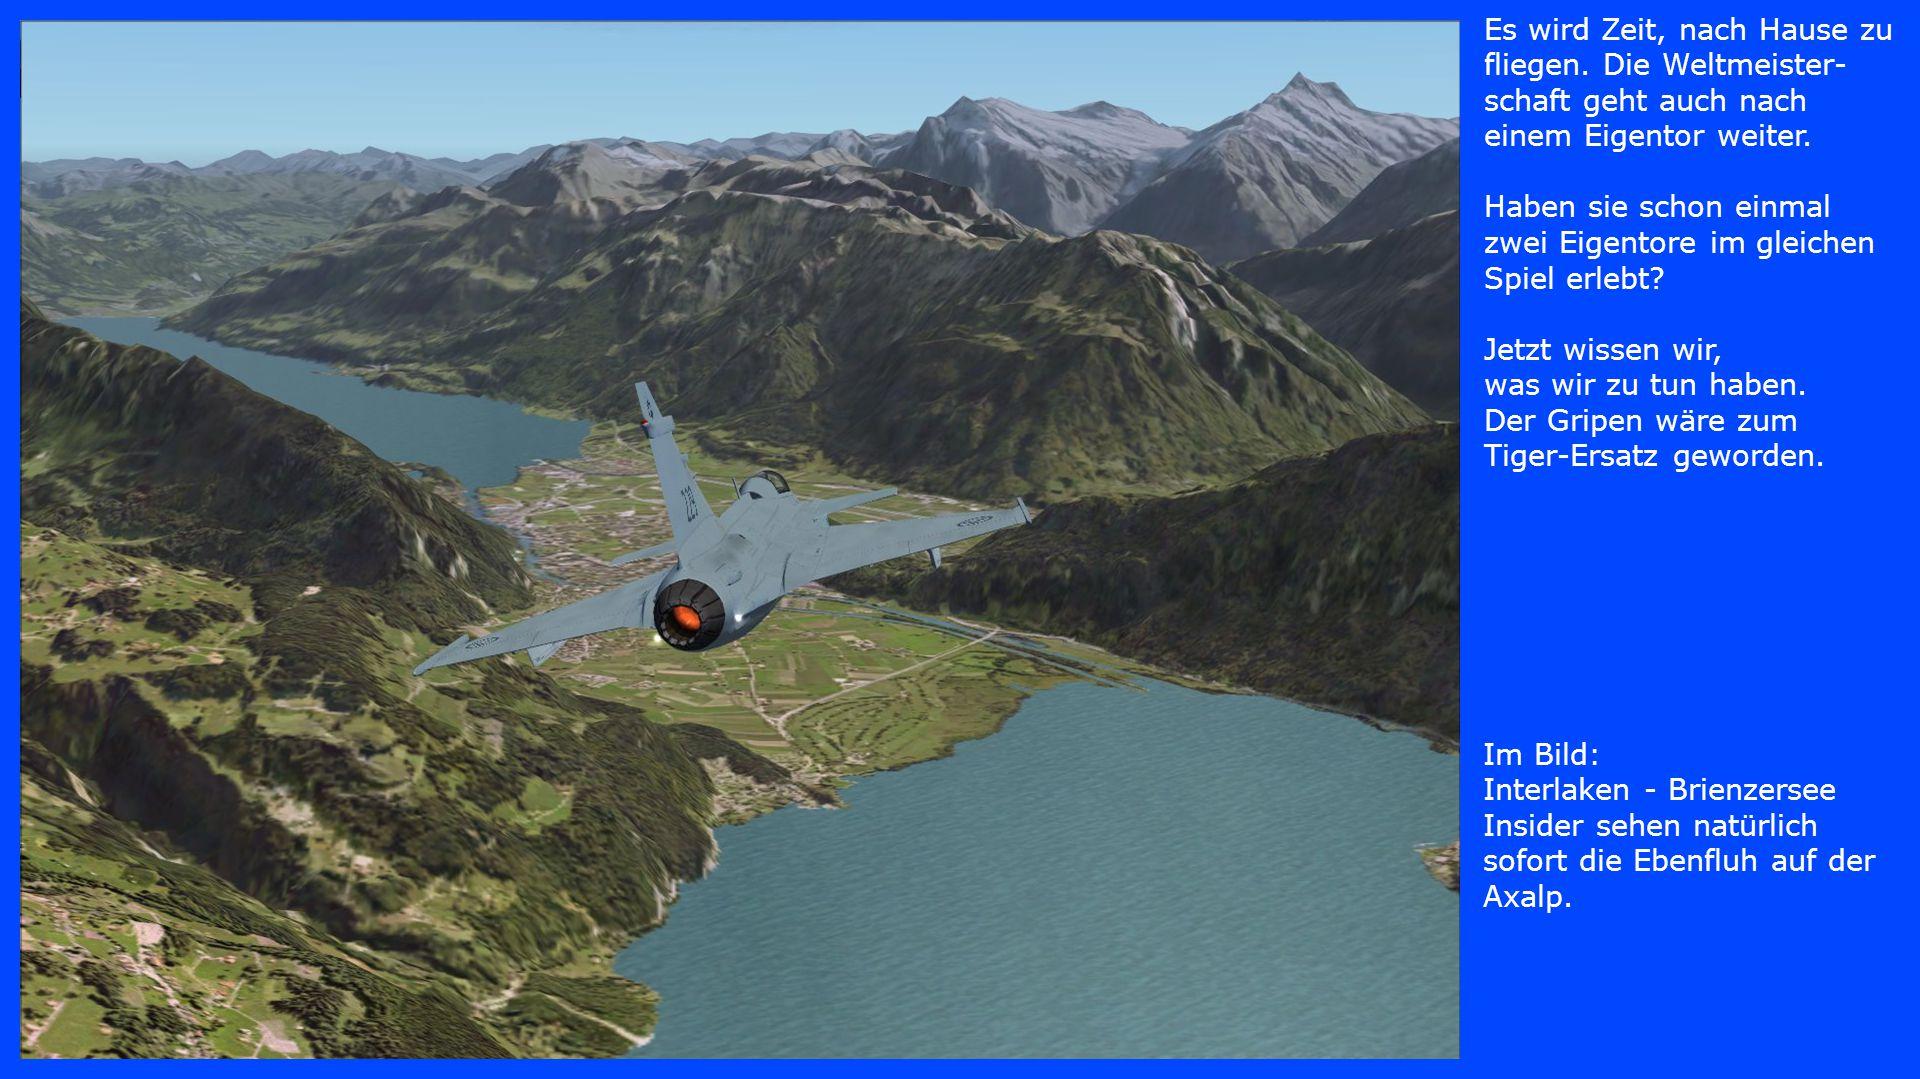 Im Bild: LSMM Rwy 10 148 kt, 2000 ft, zur Landung, da wo die Welt noch in Ordnung ist.